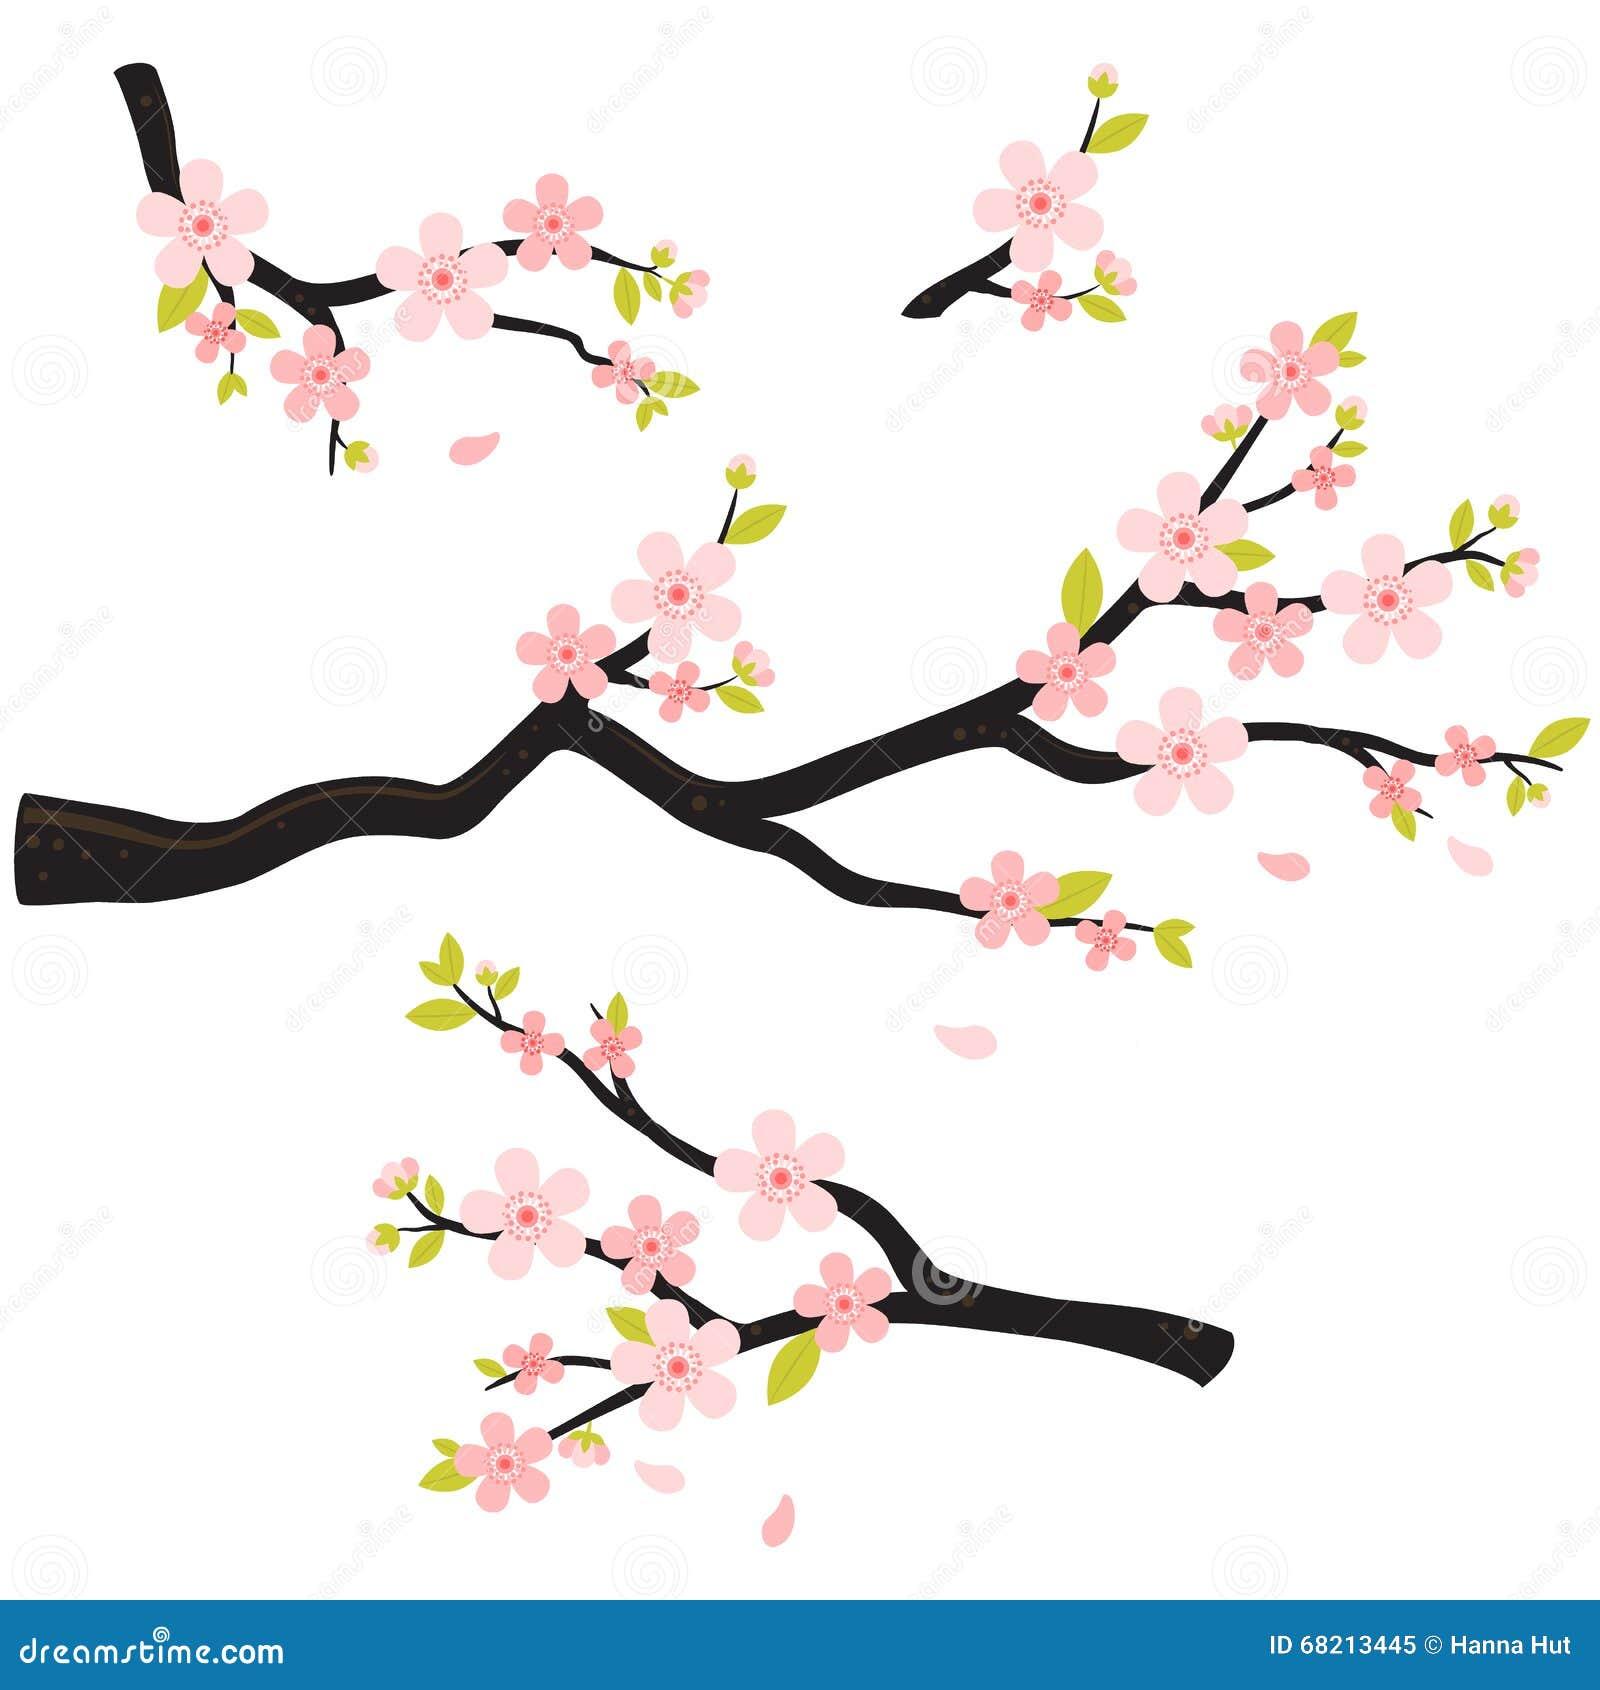 O ramo realístico da cereja de sakura japão com florescência floresce